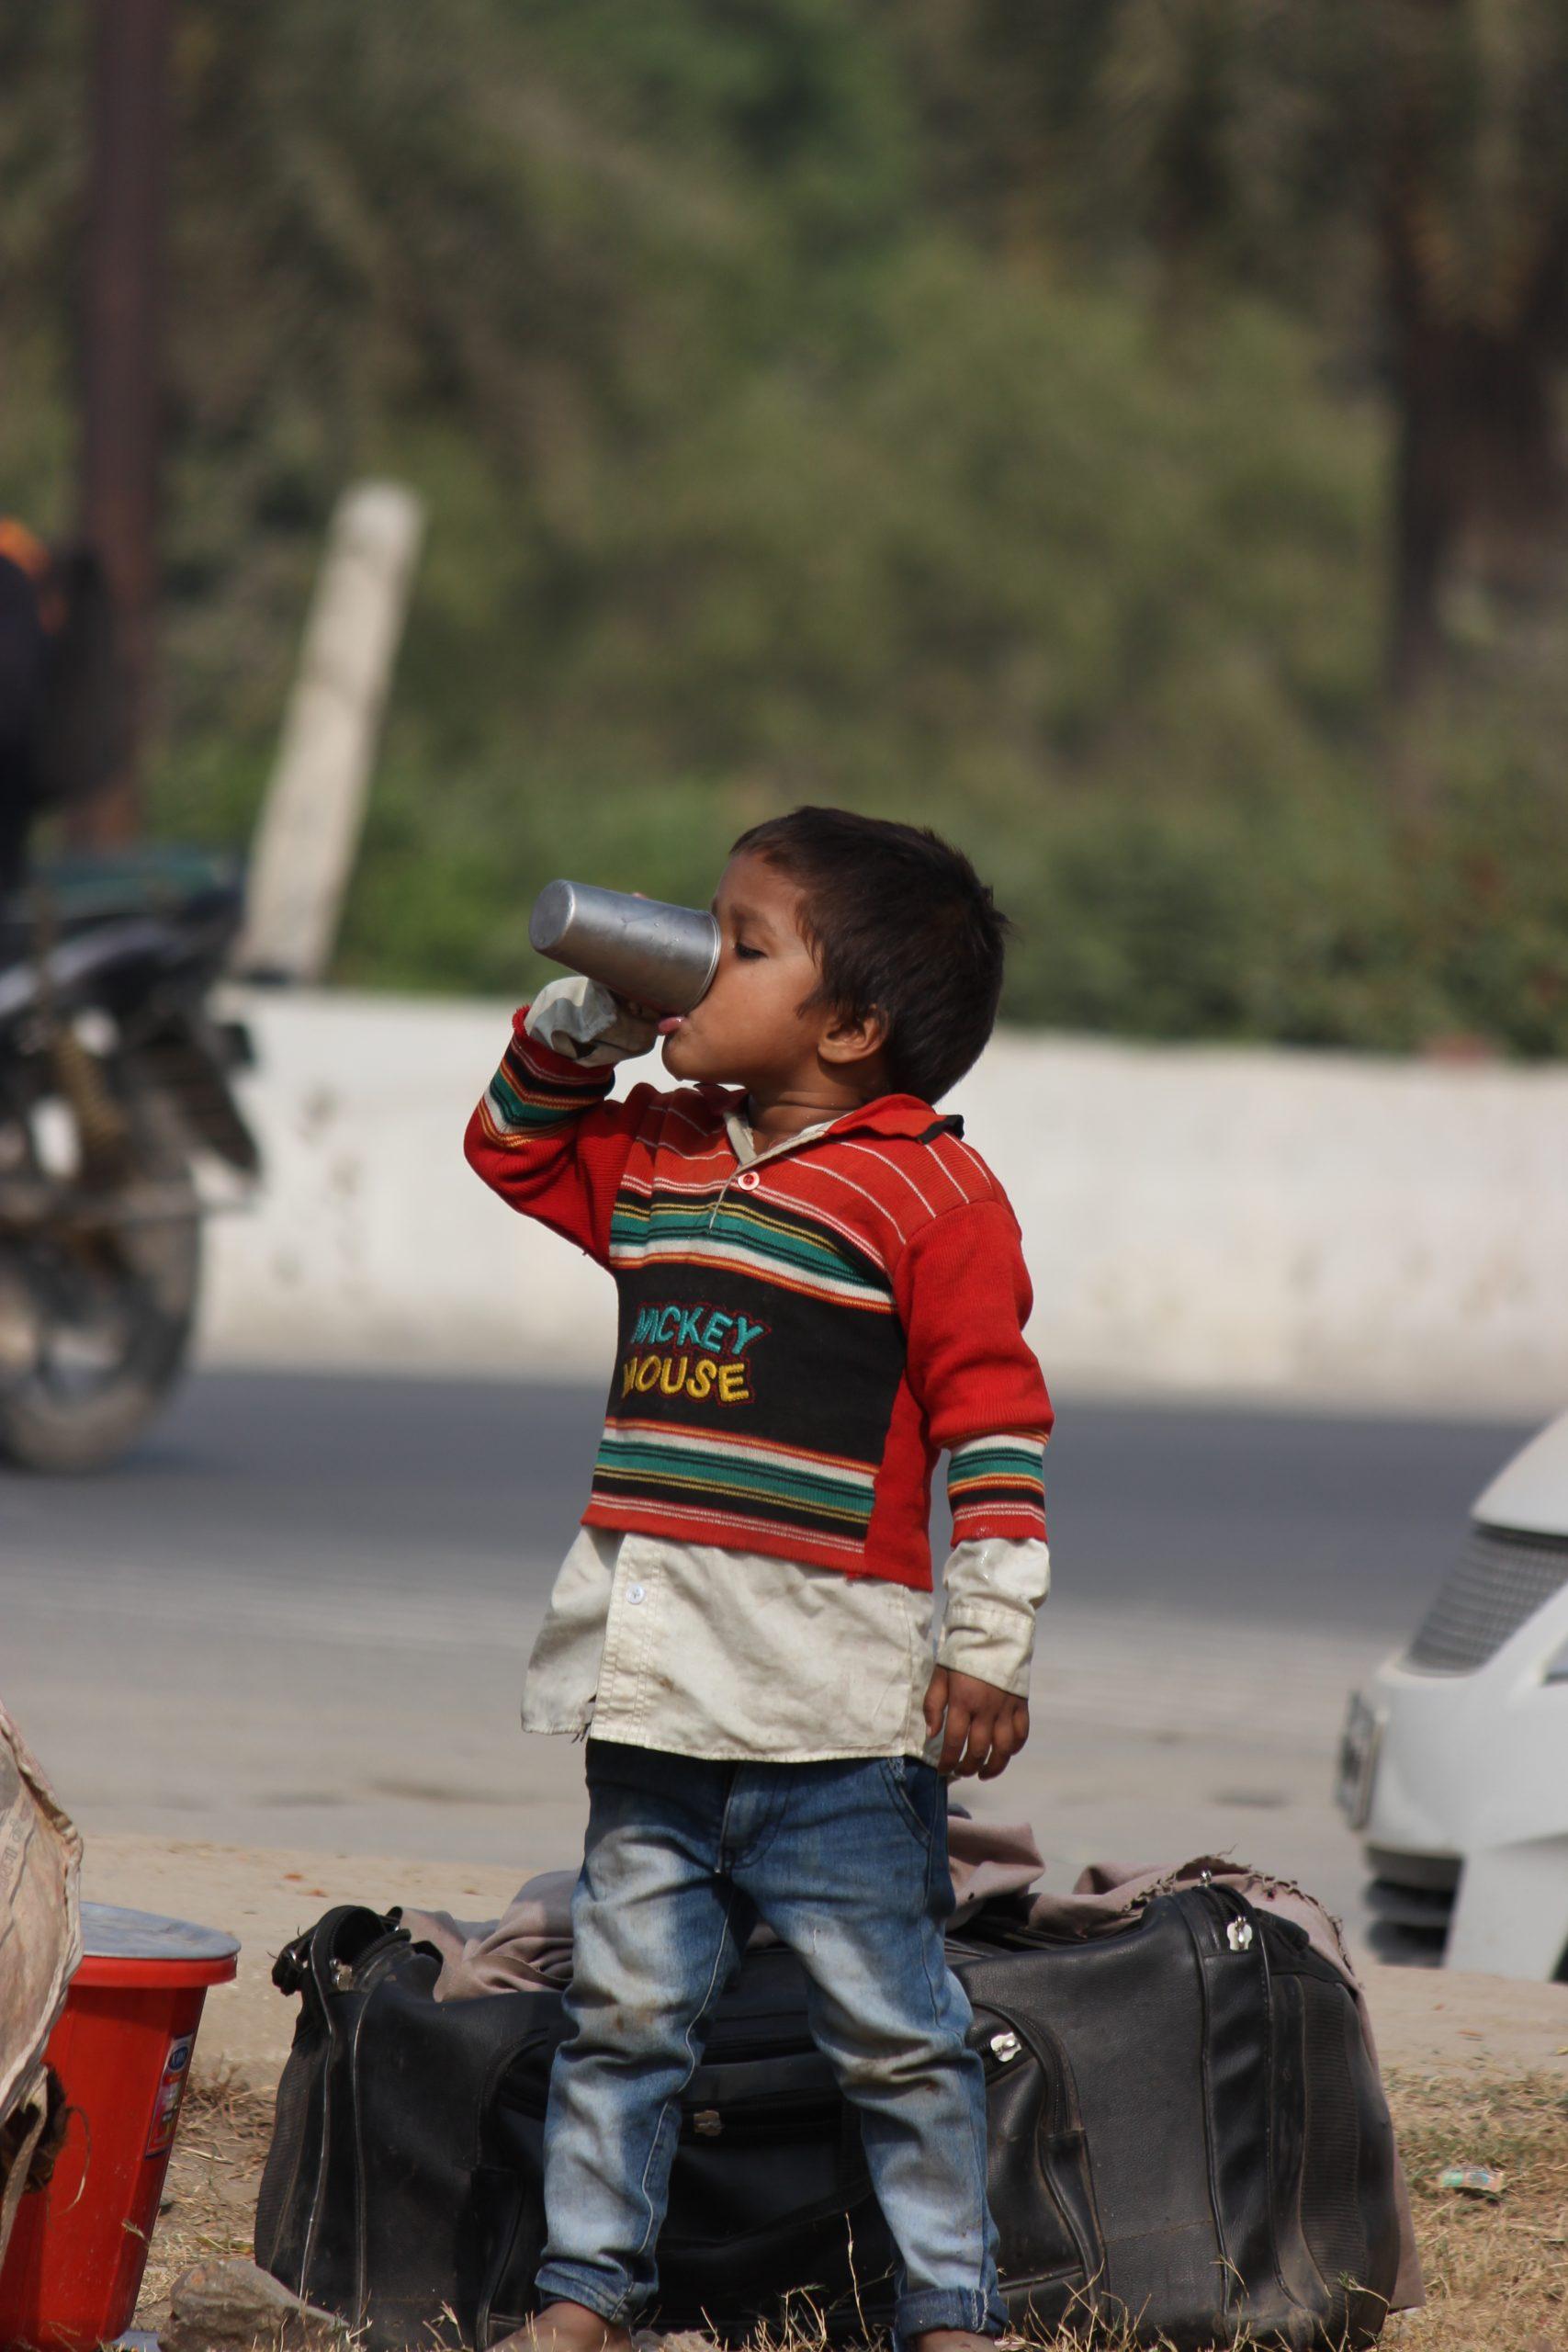 A street kid